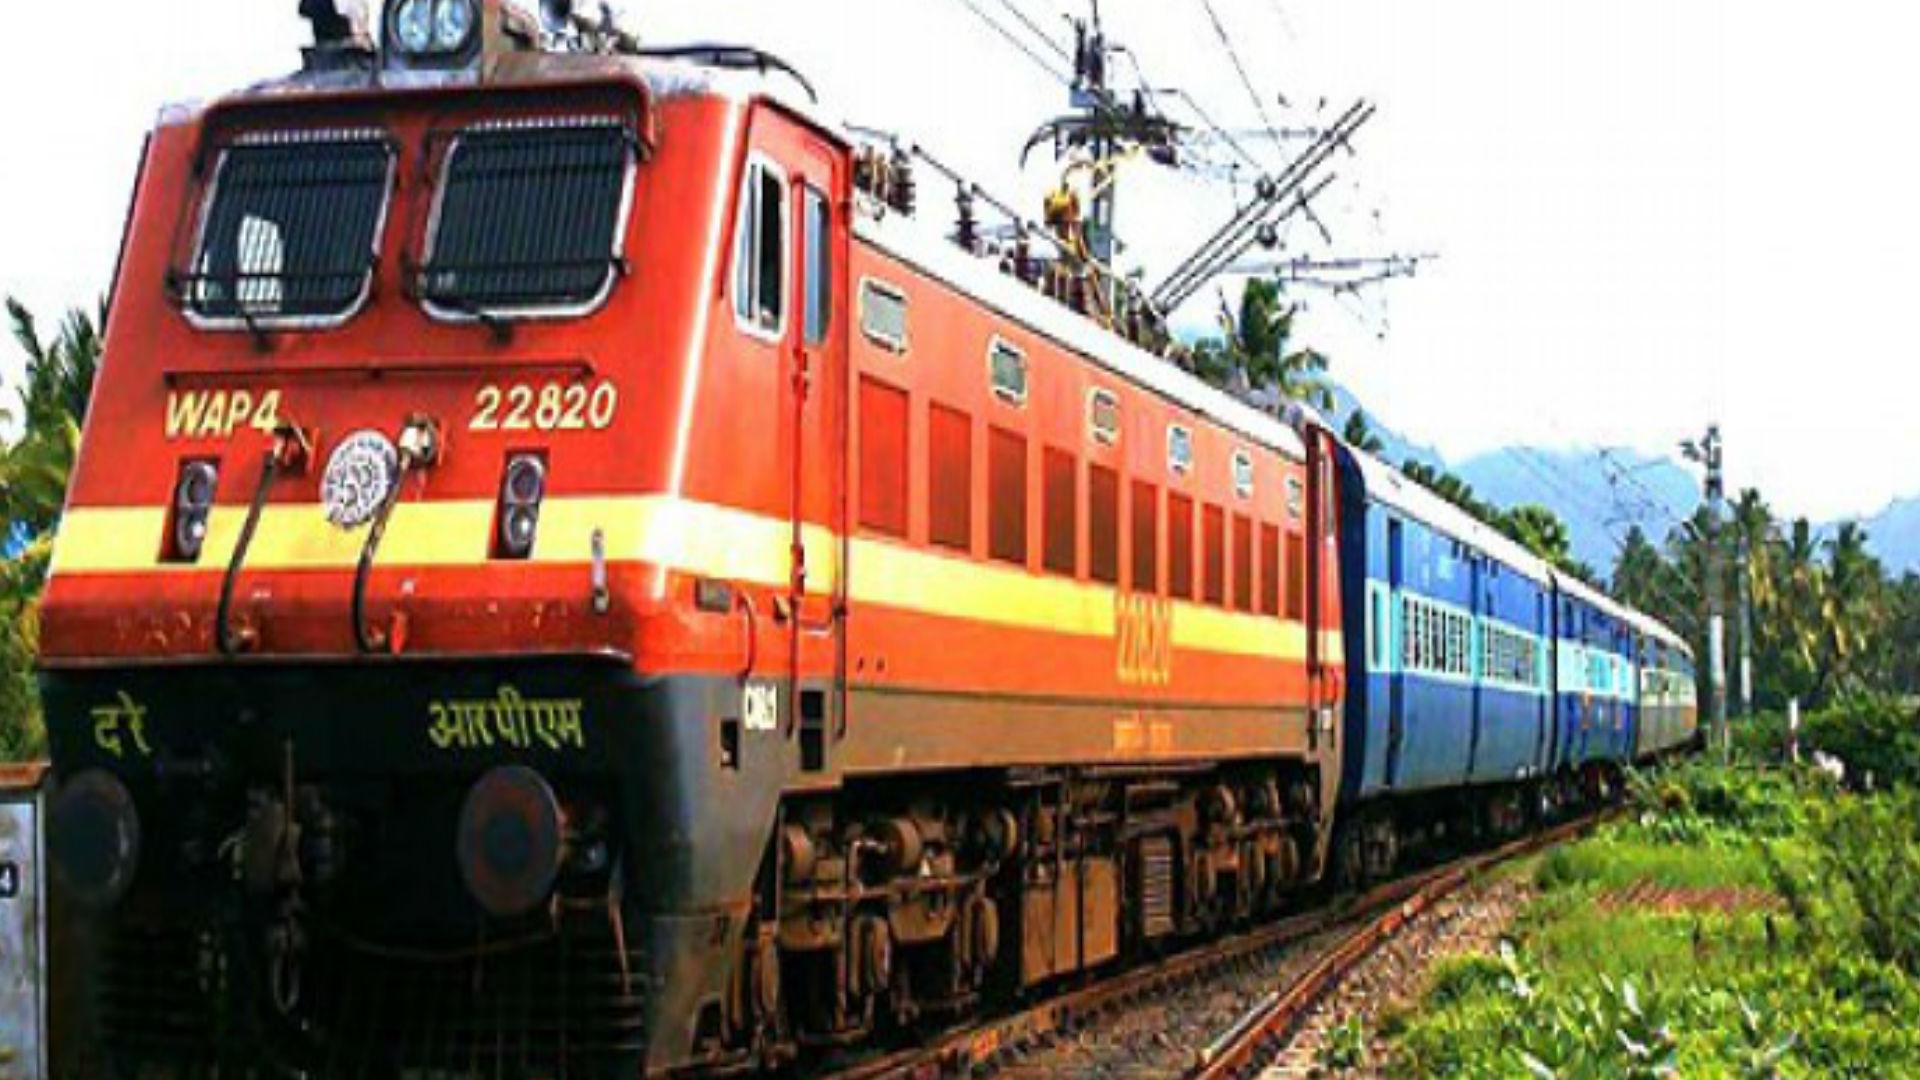 अजित पवार ने लॉकडाउन खुलने पर रेल मंत्री से कामगारों के लिए स्पेशल ट्रेन चलाने की मांग, पढ़ें पूरी रिपोर्ट